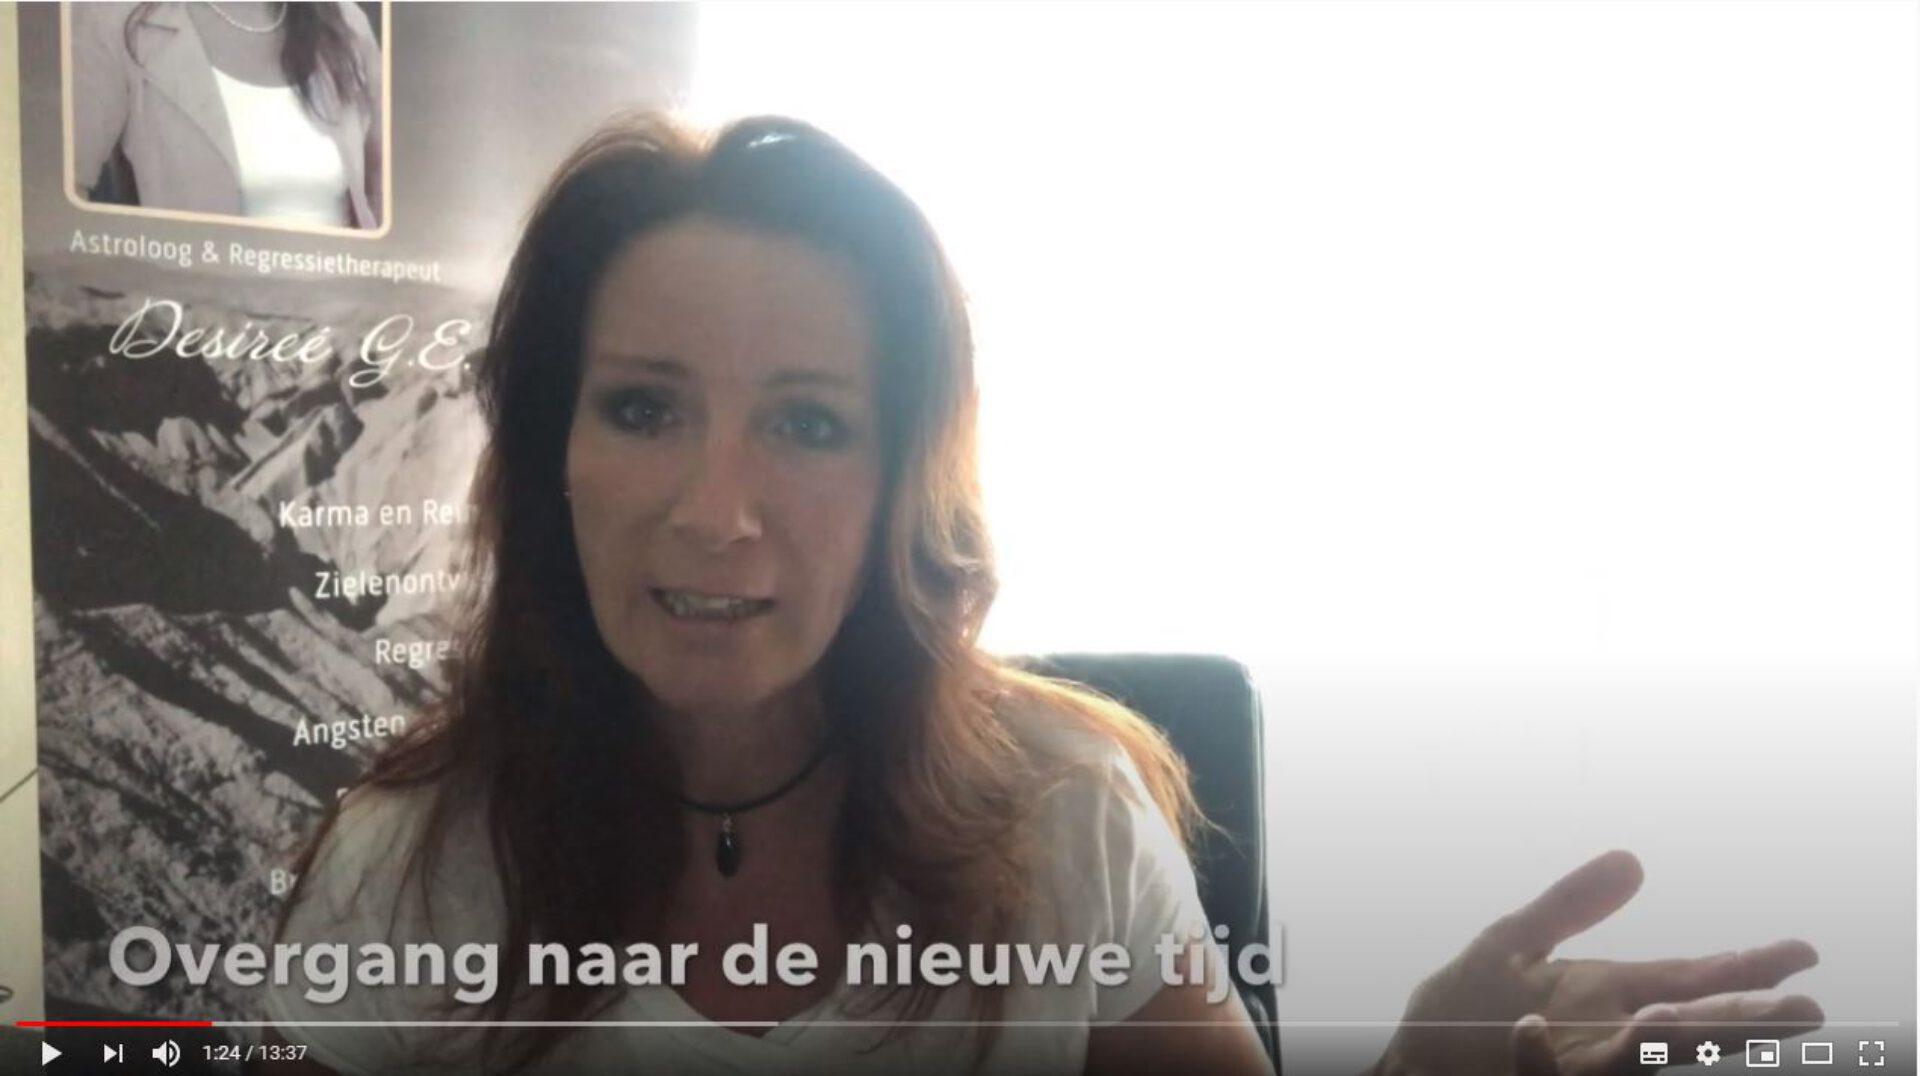 VIDEO: Een glimp van de 5de dimensie